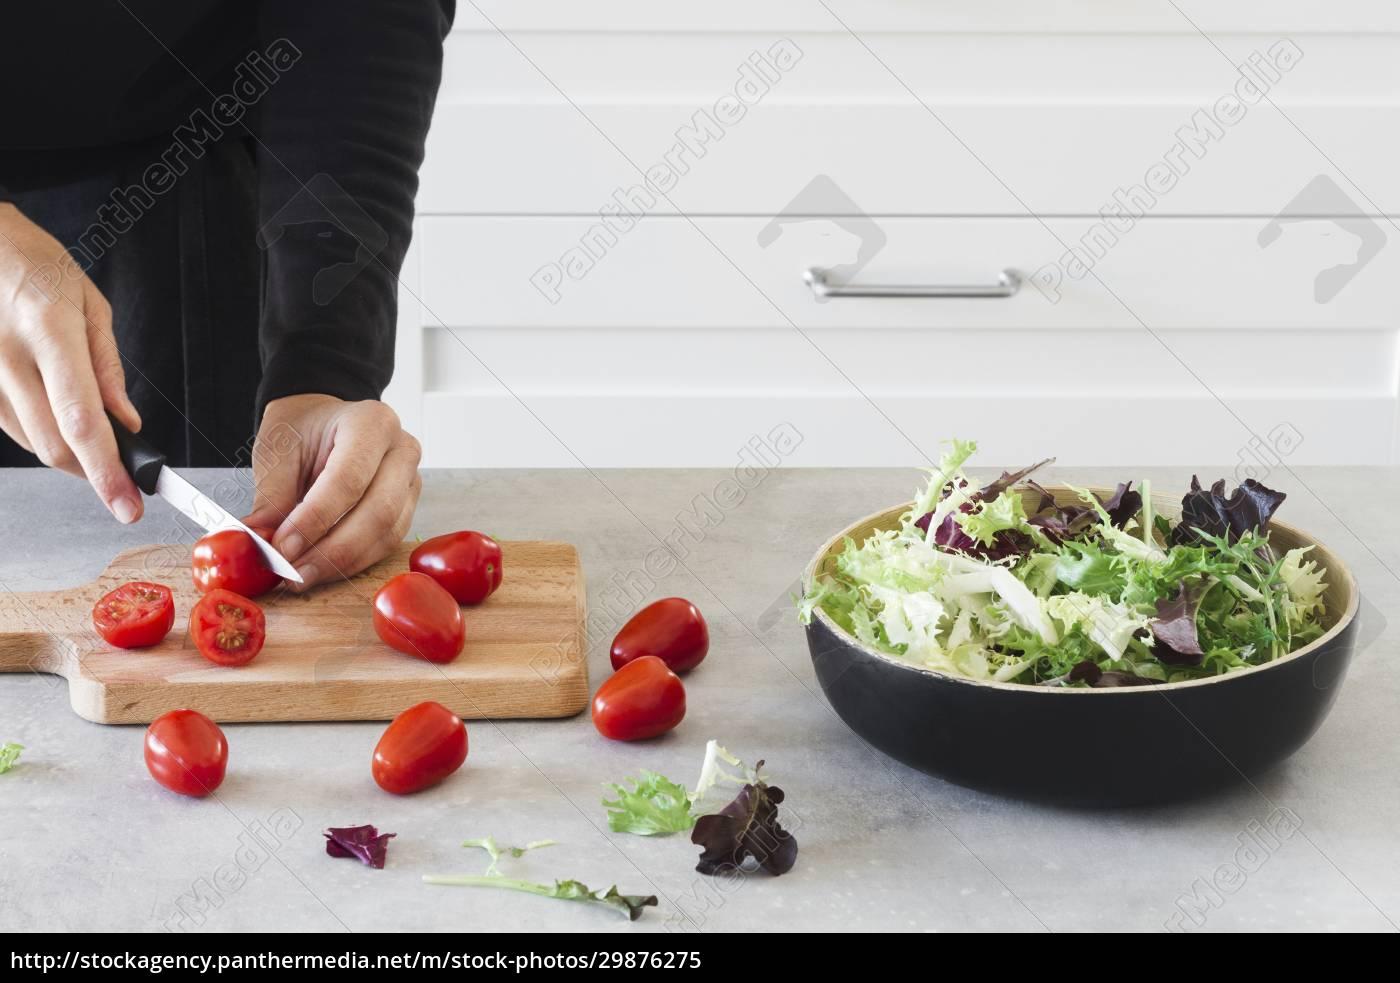 krojenie, pomidorków, koktajlowych, na, drewnianej, desce - 29876275